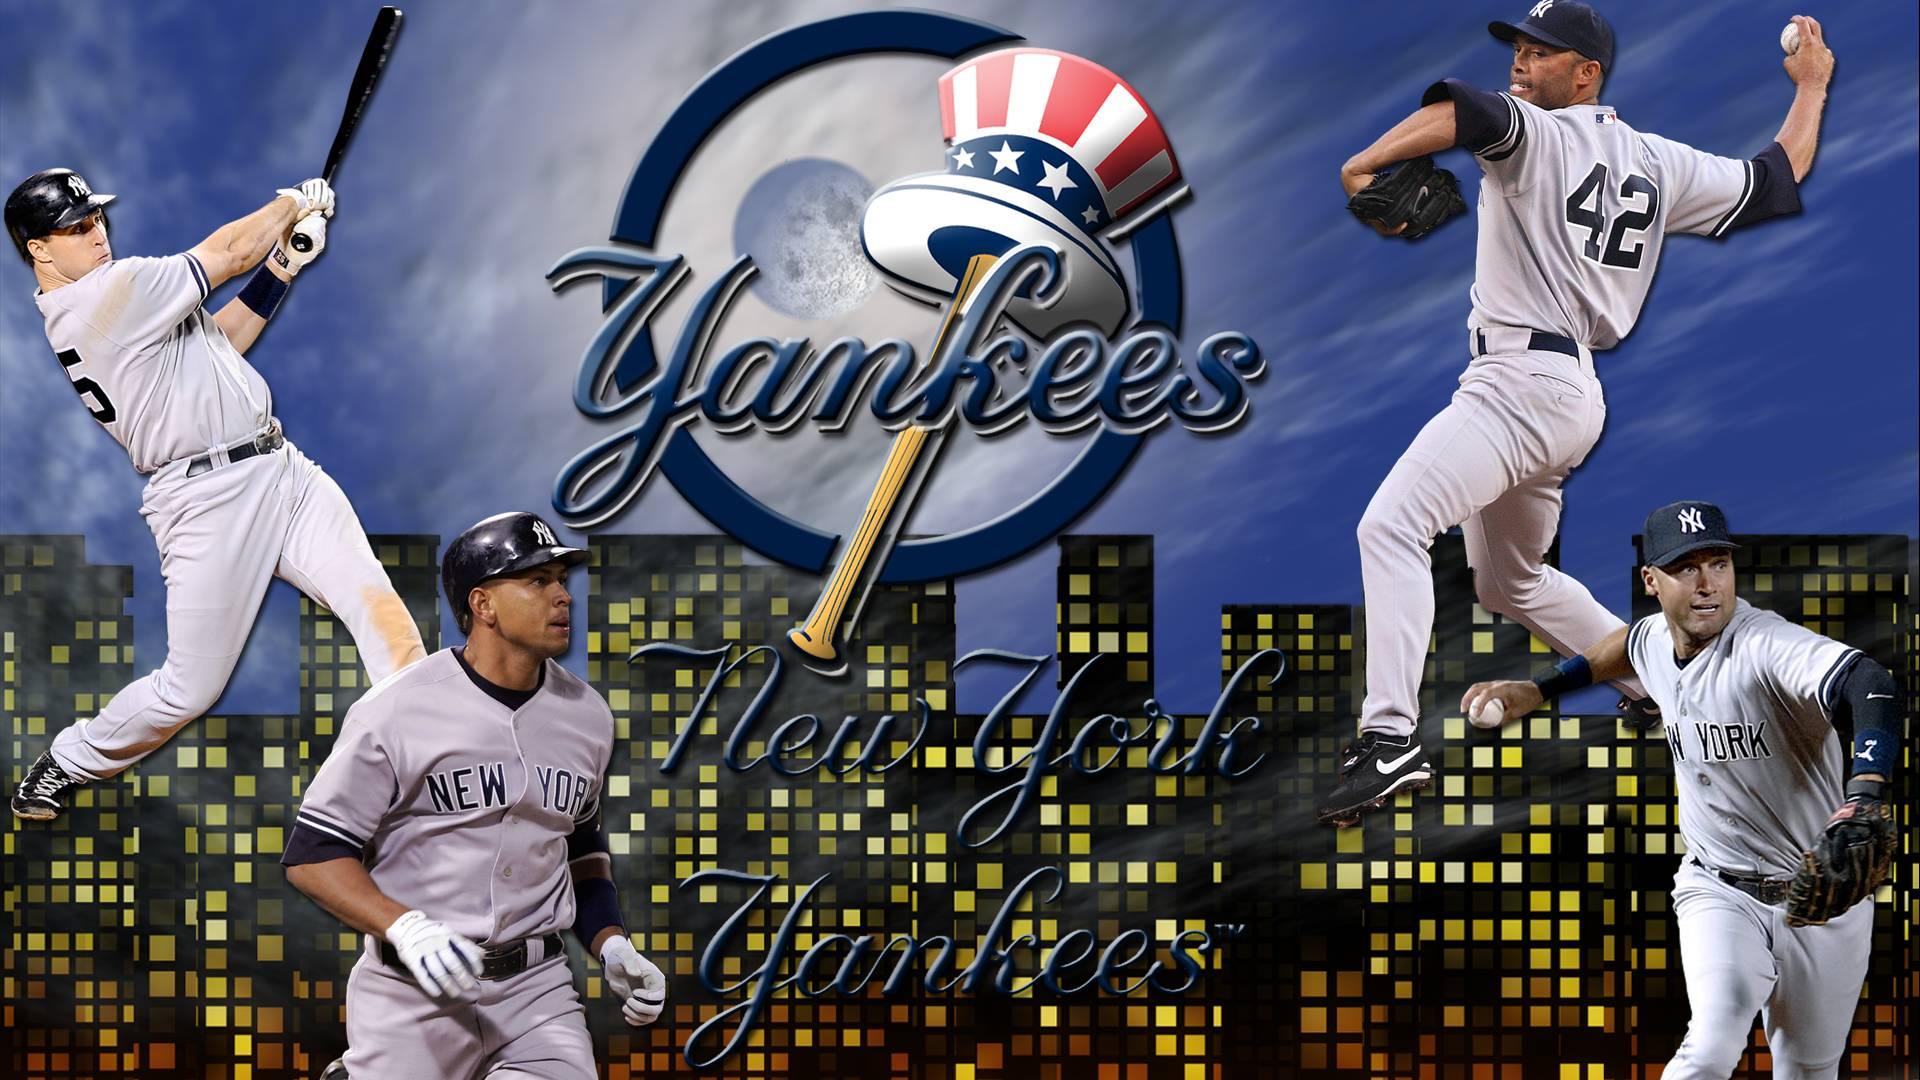 171365-new-york-yankees-yankees